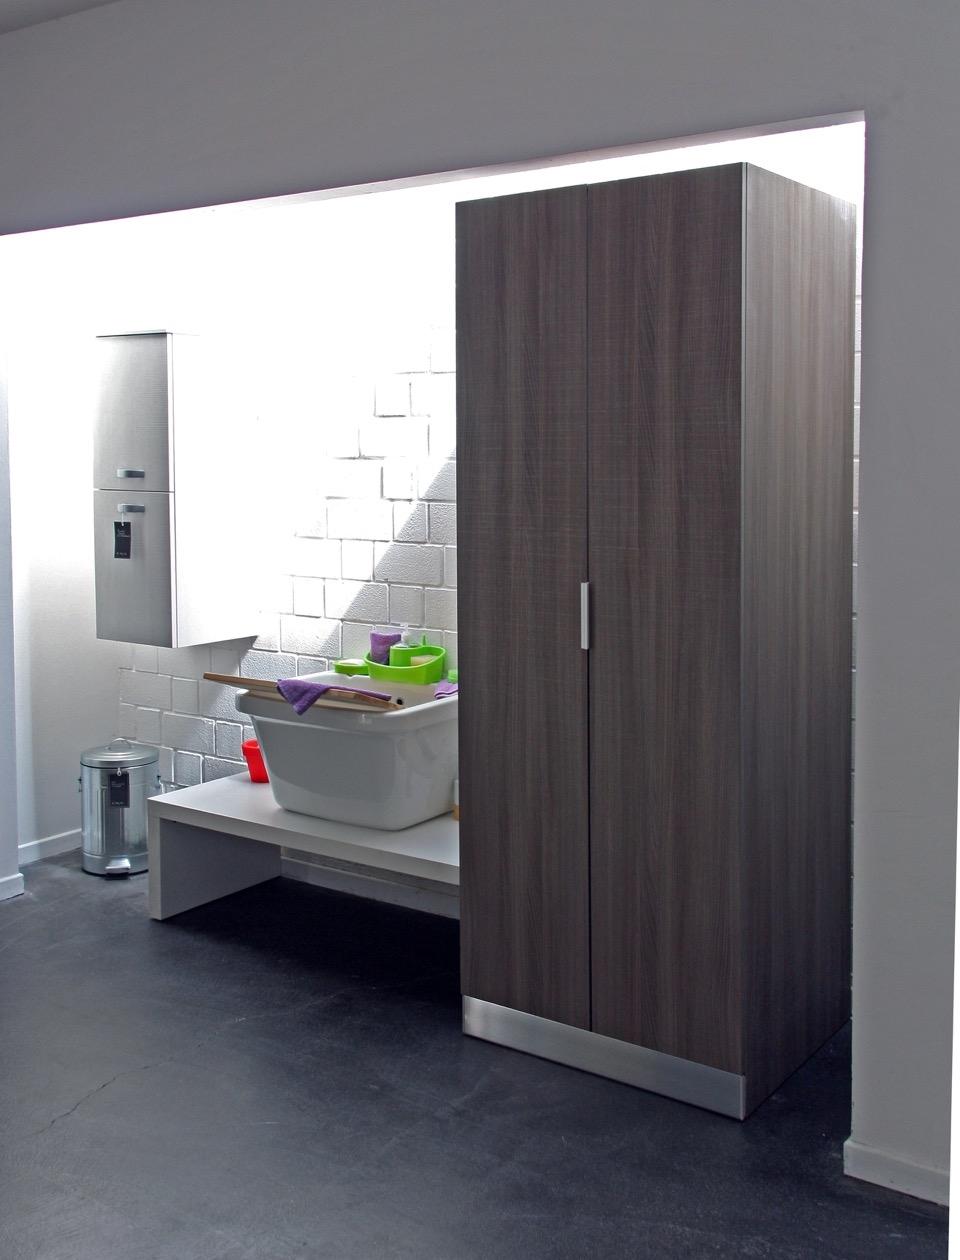 Compab armadio portalavatrice moderno laminato arredo bagno a prezzi scontati - Mobile bagno laminato ...